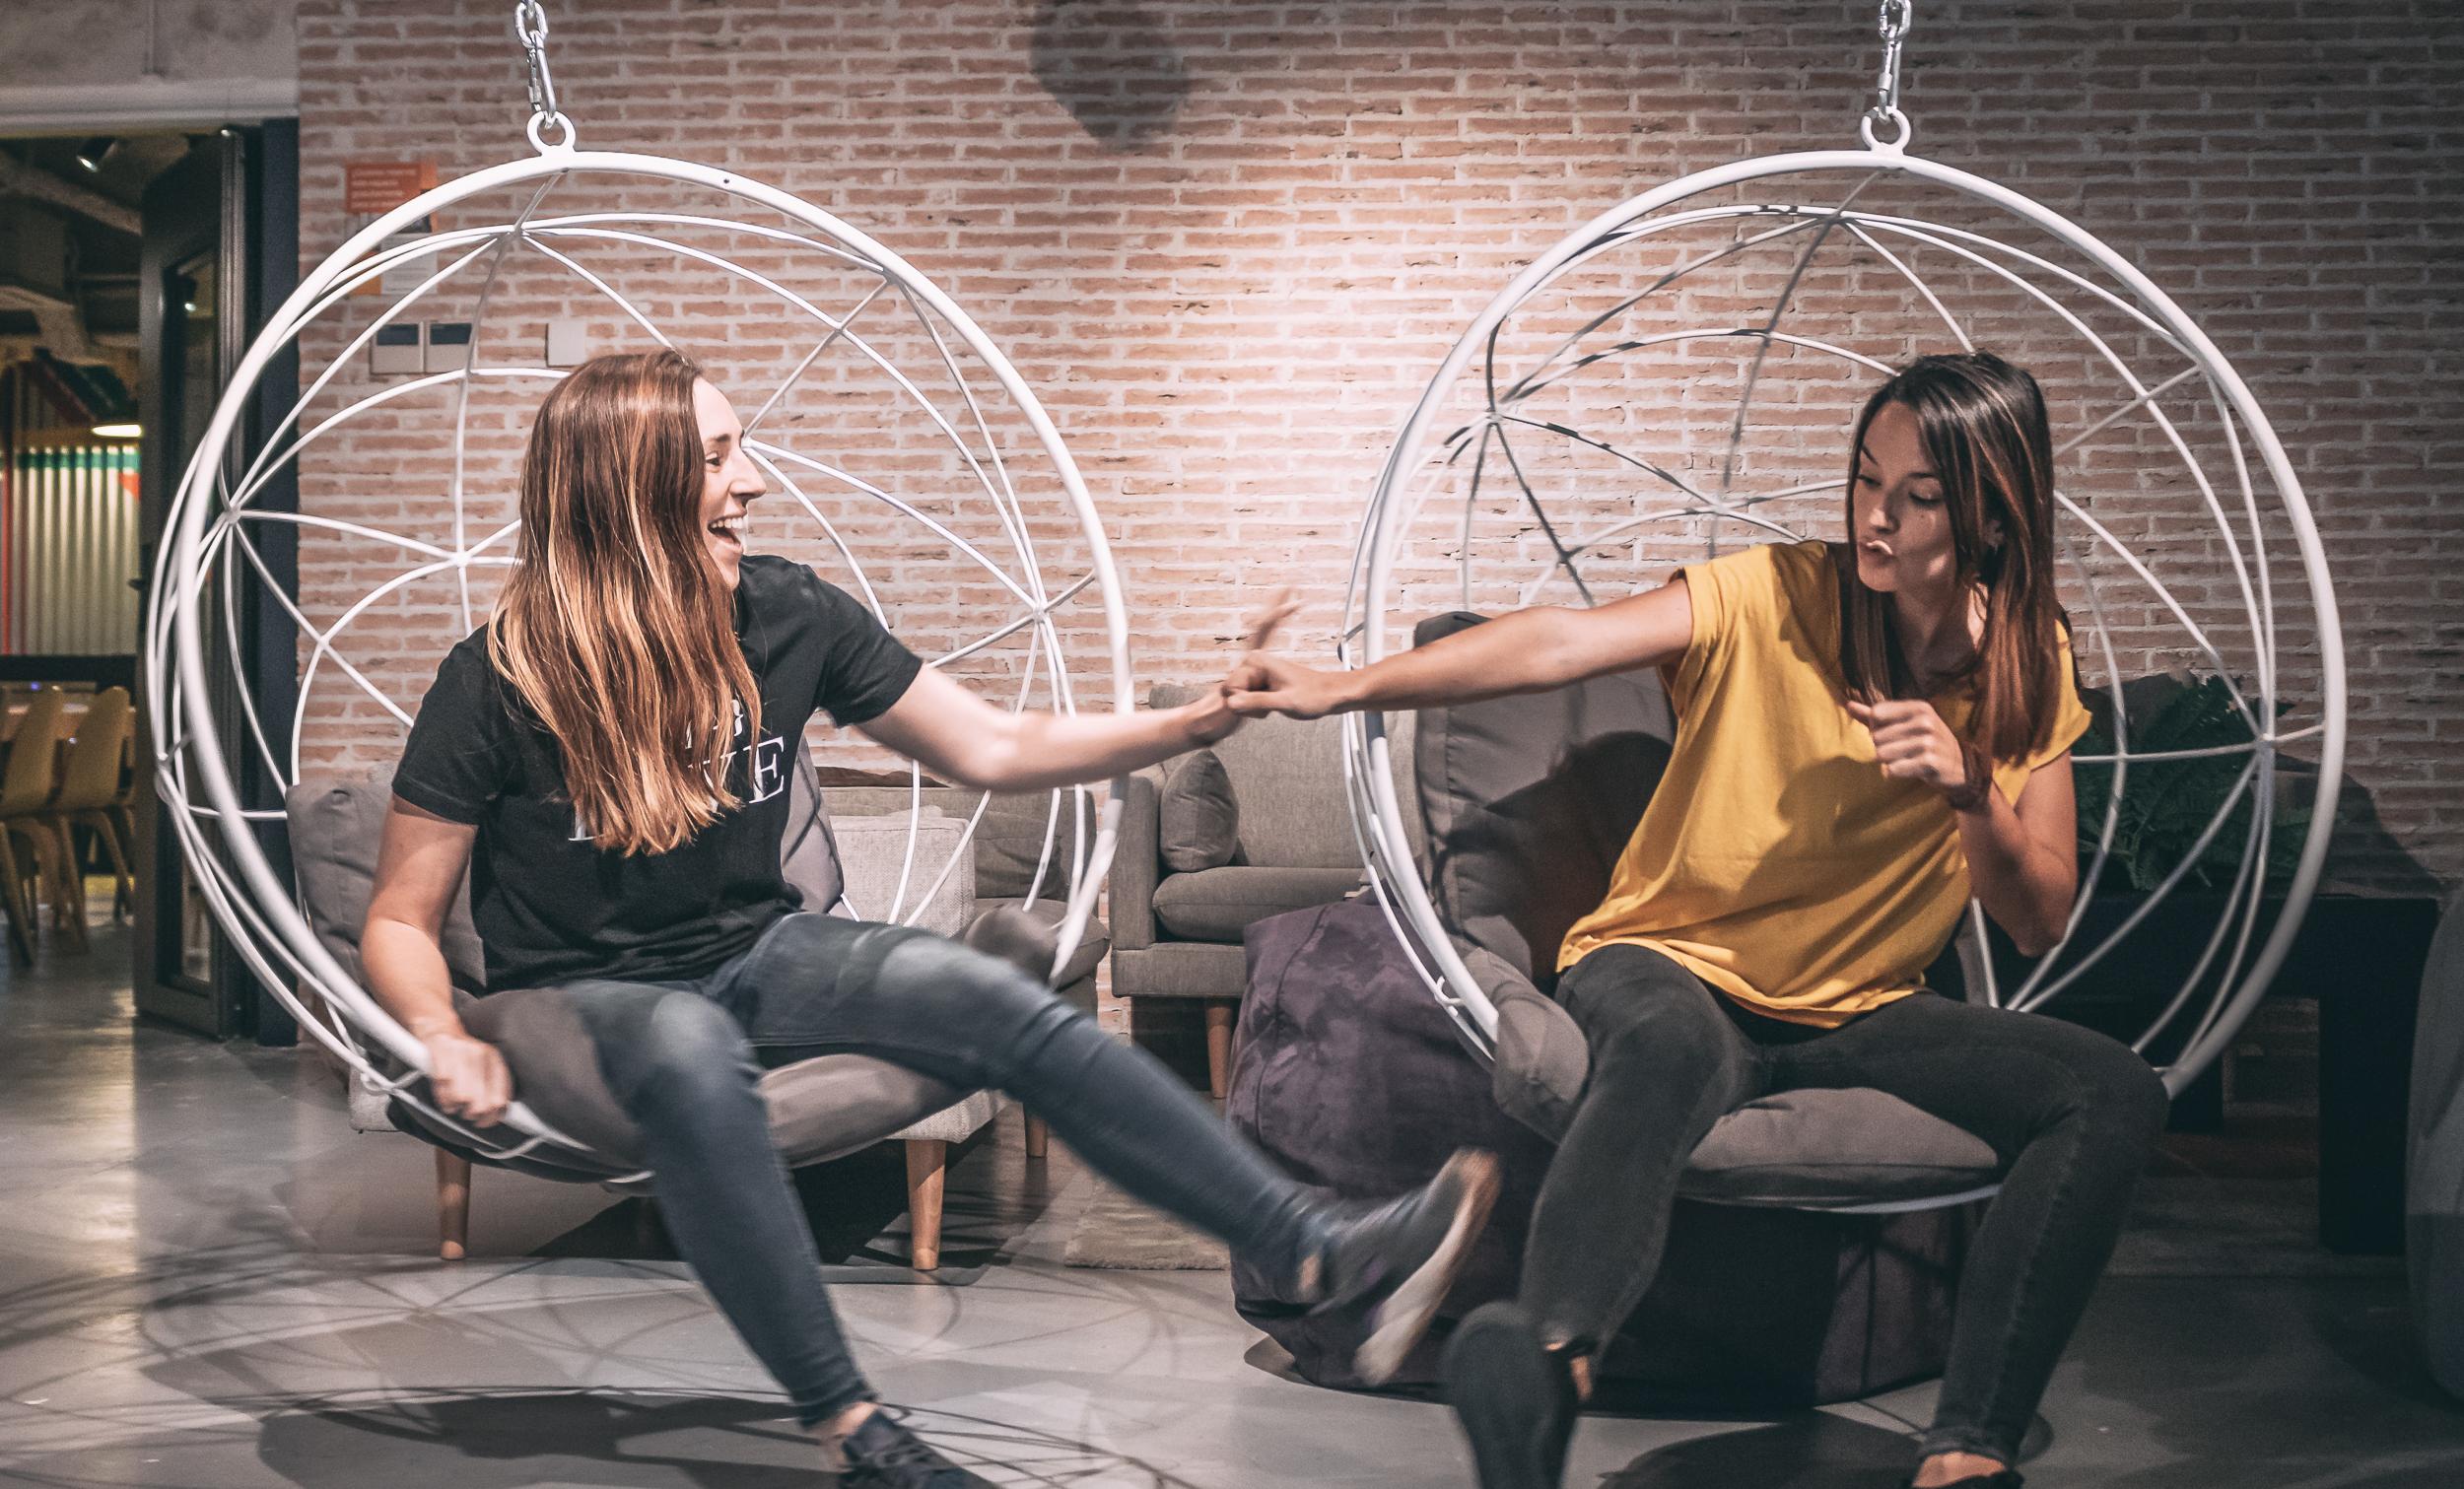 Nace Fixme, la start-up que ofrece bienestar donde y cuando quieras